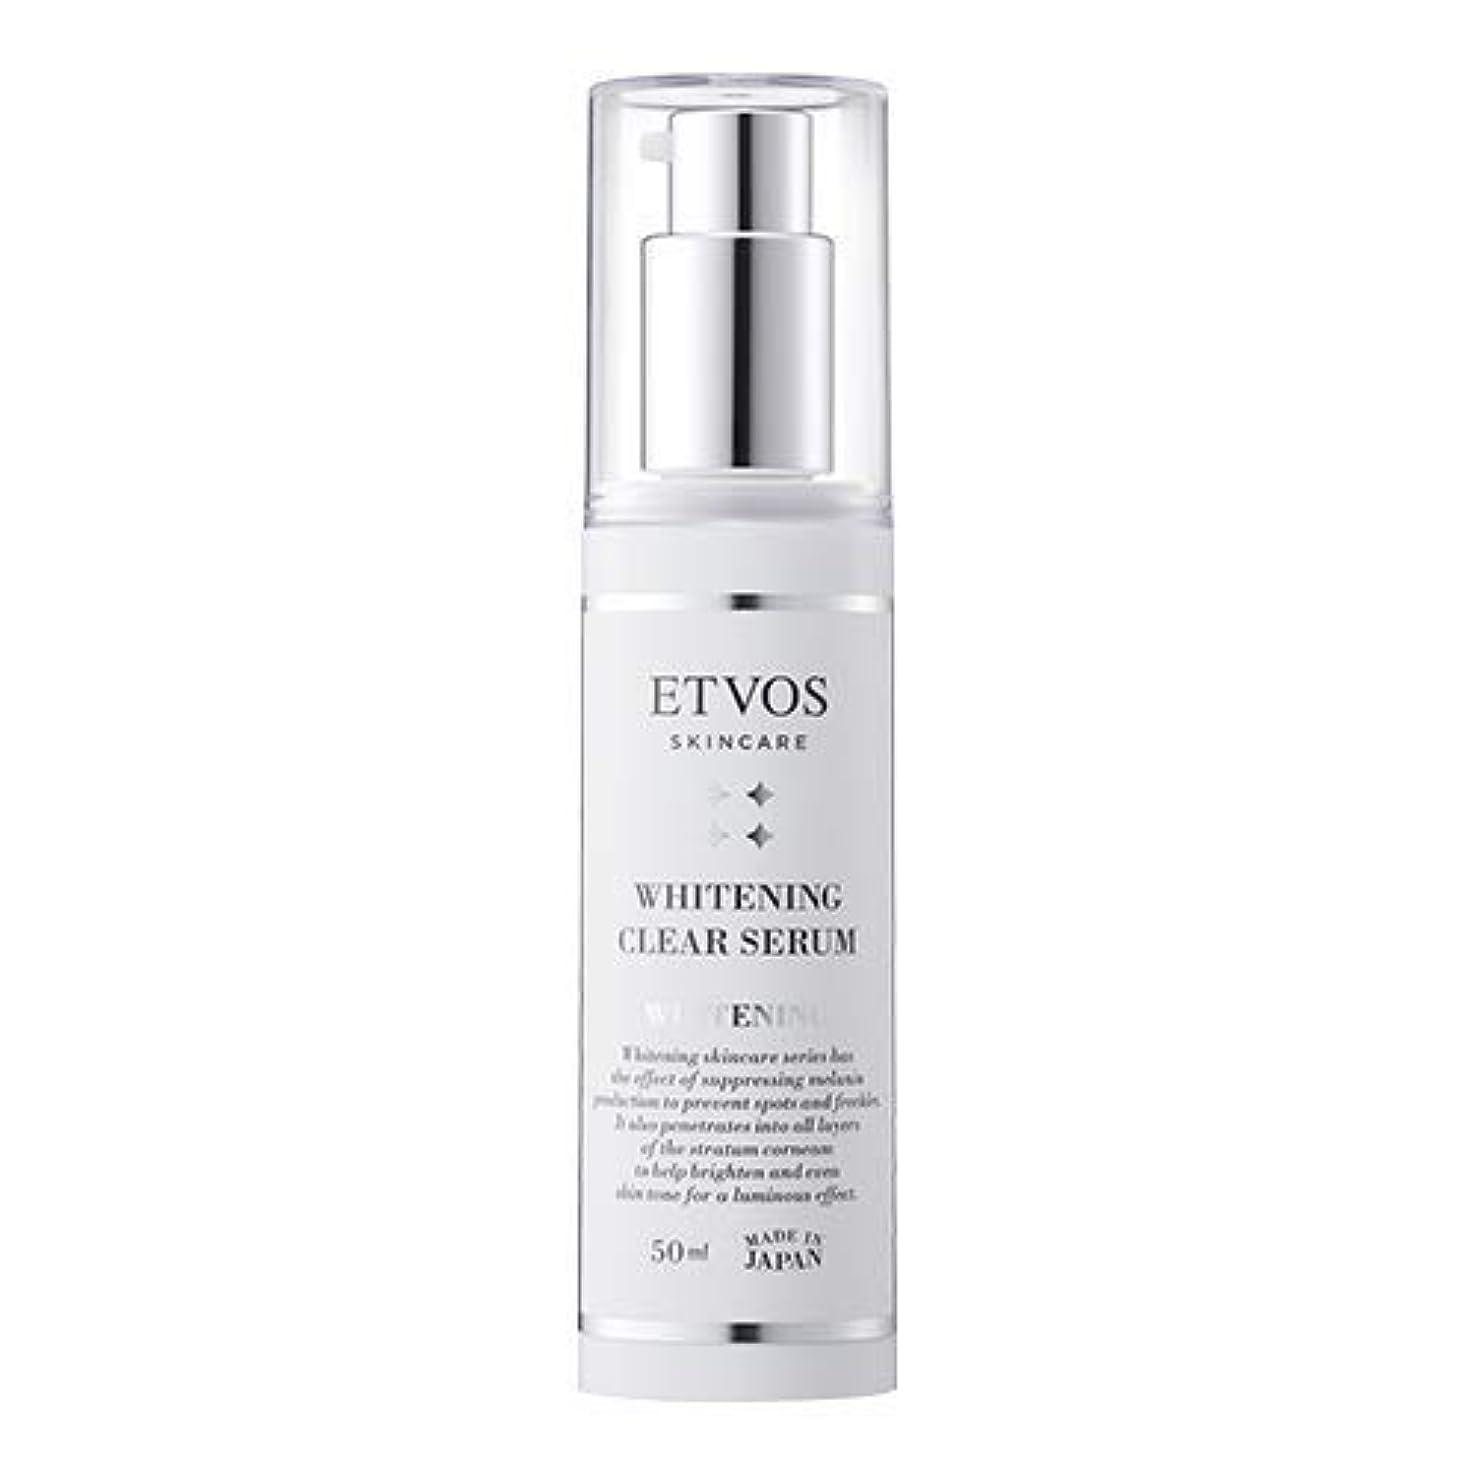 灰磁石避けられないETVOS(エトヴォス) 美白美容液 薬用ホワイトニングクリアセラム 50ml [医薬部外品] 敏感肌 トラネキサム酸